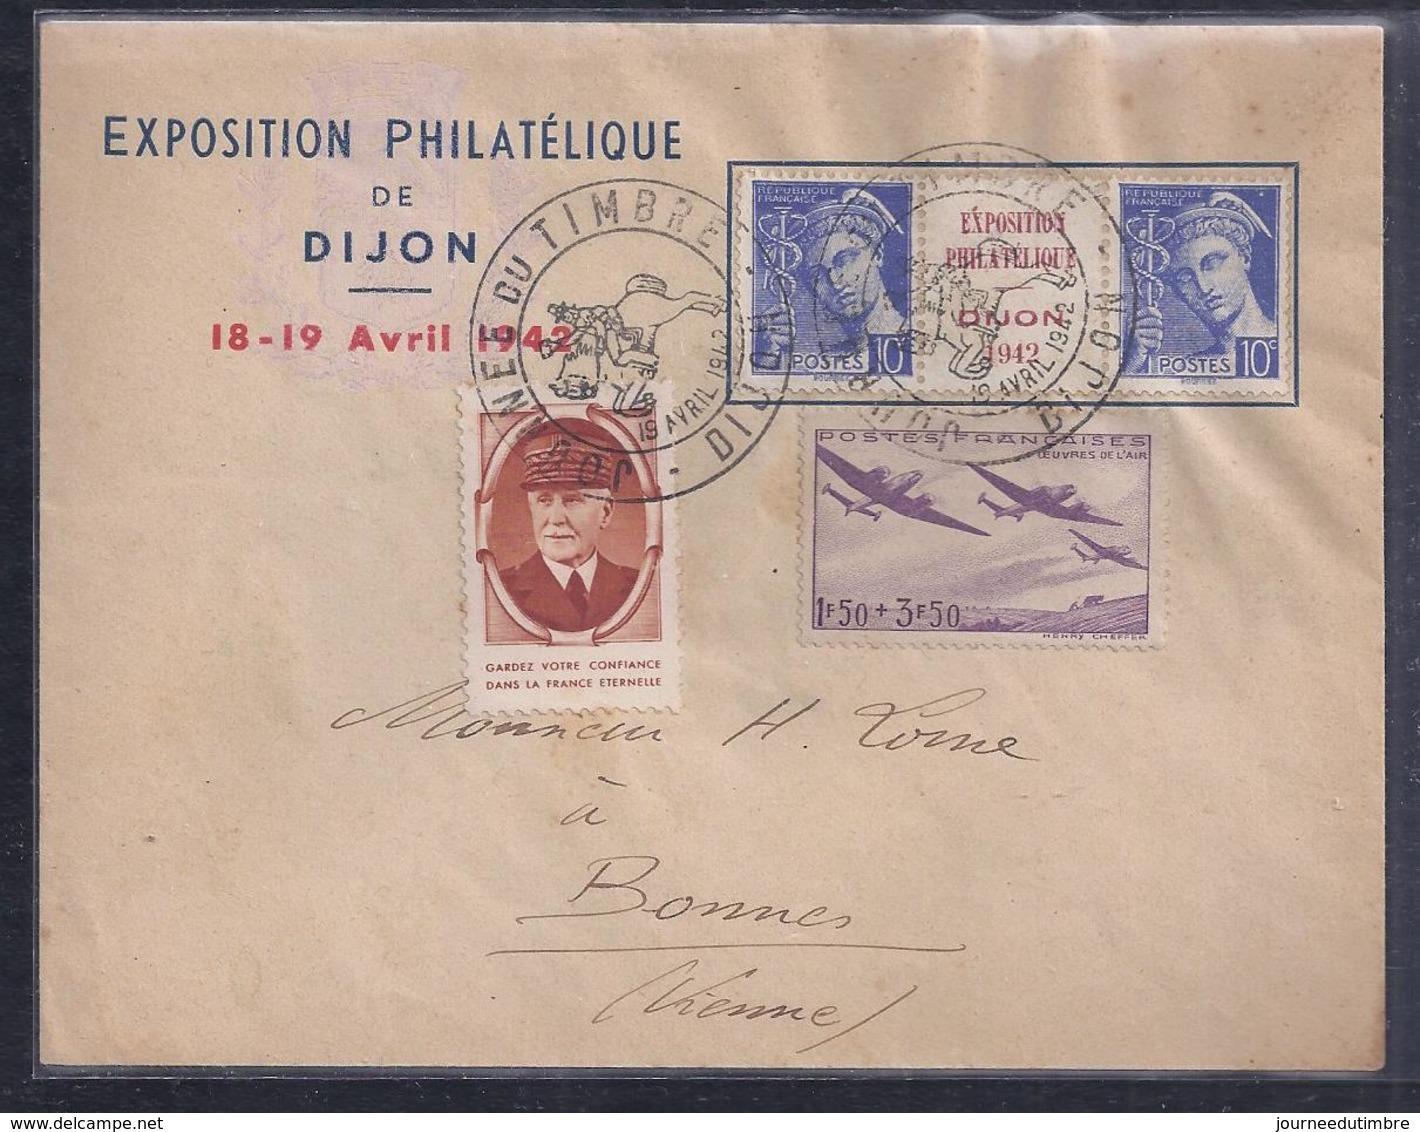 Enveloppe Locale Exposition Philatelique Journee Du Timbre 1942 Dijon  Tryptique Mercure Petain Vignette Oeuvres Air - France